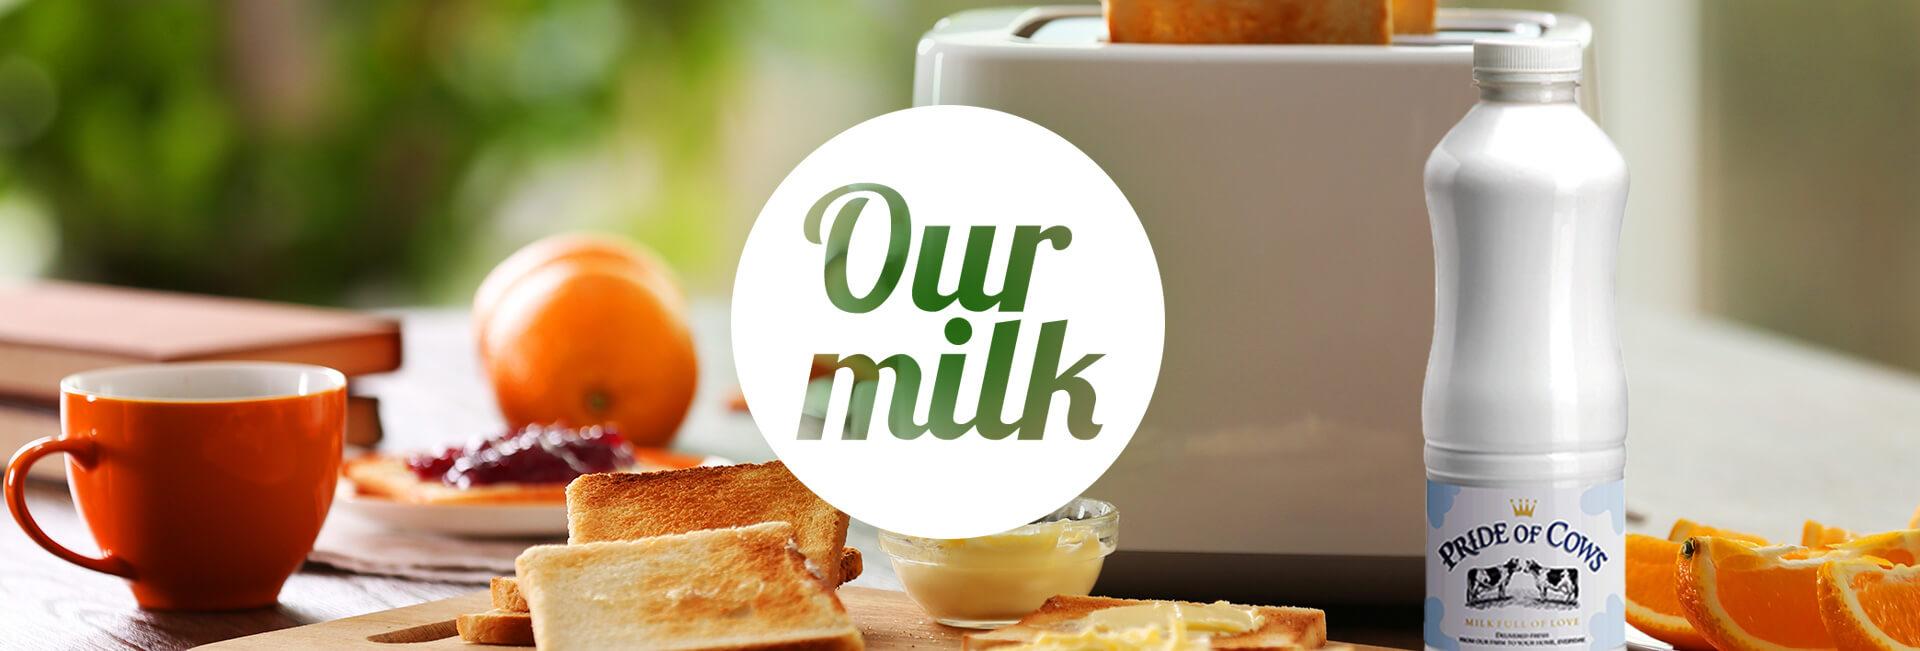 Breakfeast with Pride of Cows milk